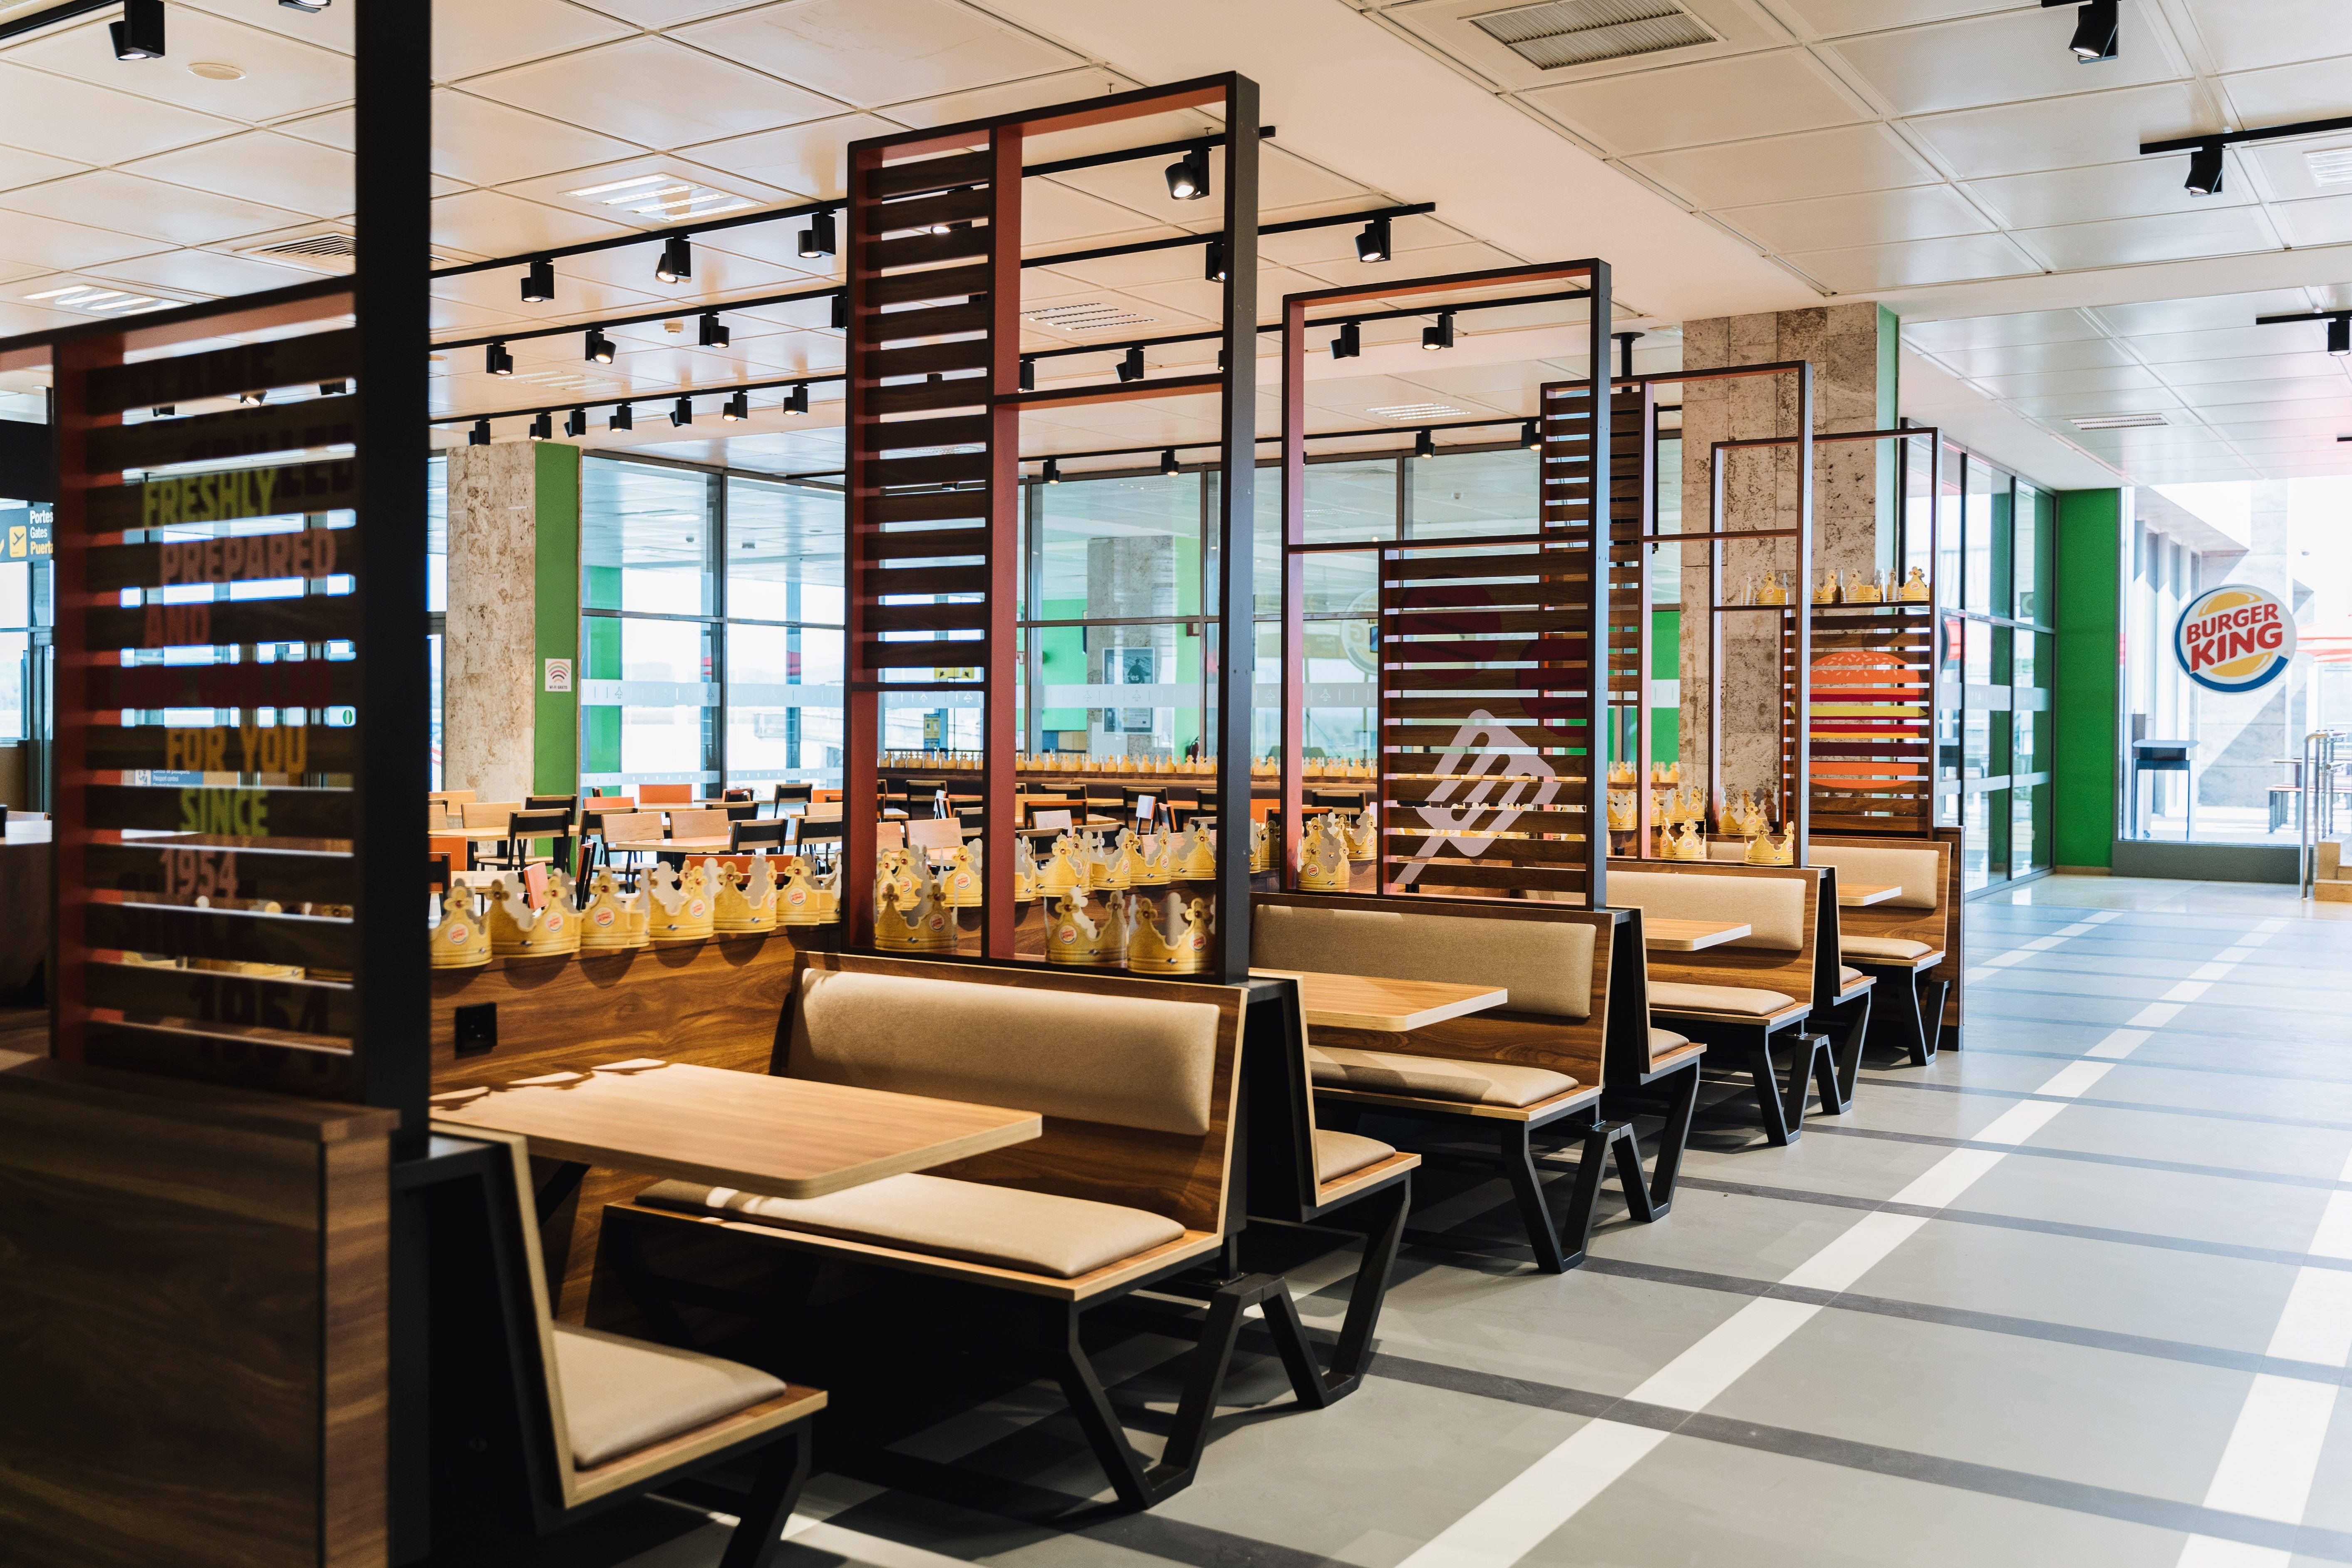 Burger King abre un restaurante en el Aeropuerto de Girona